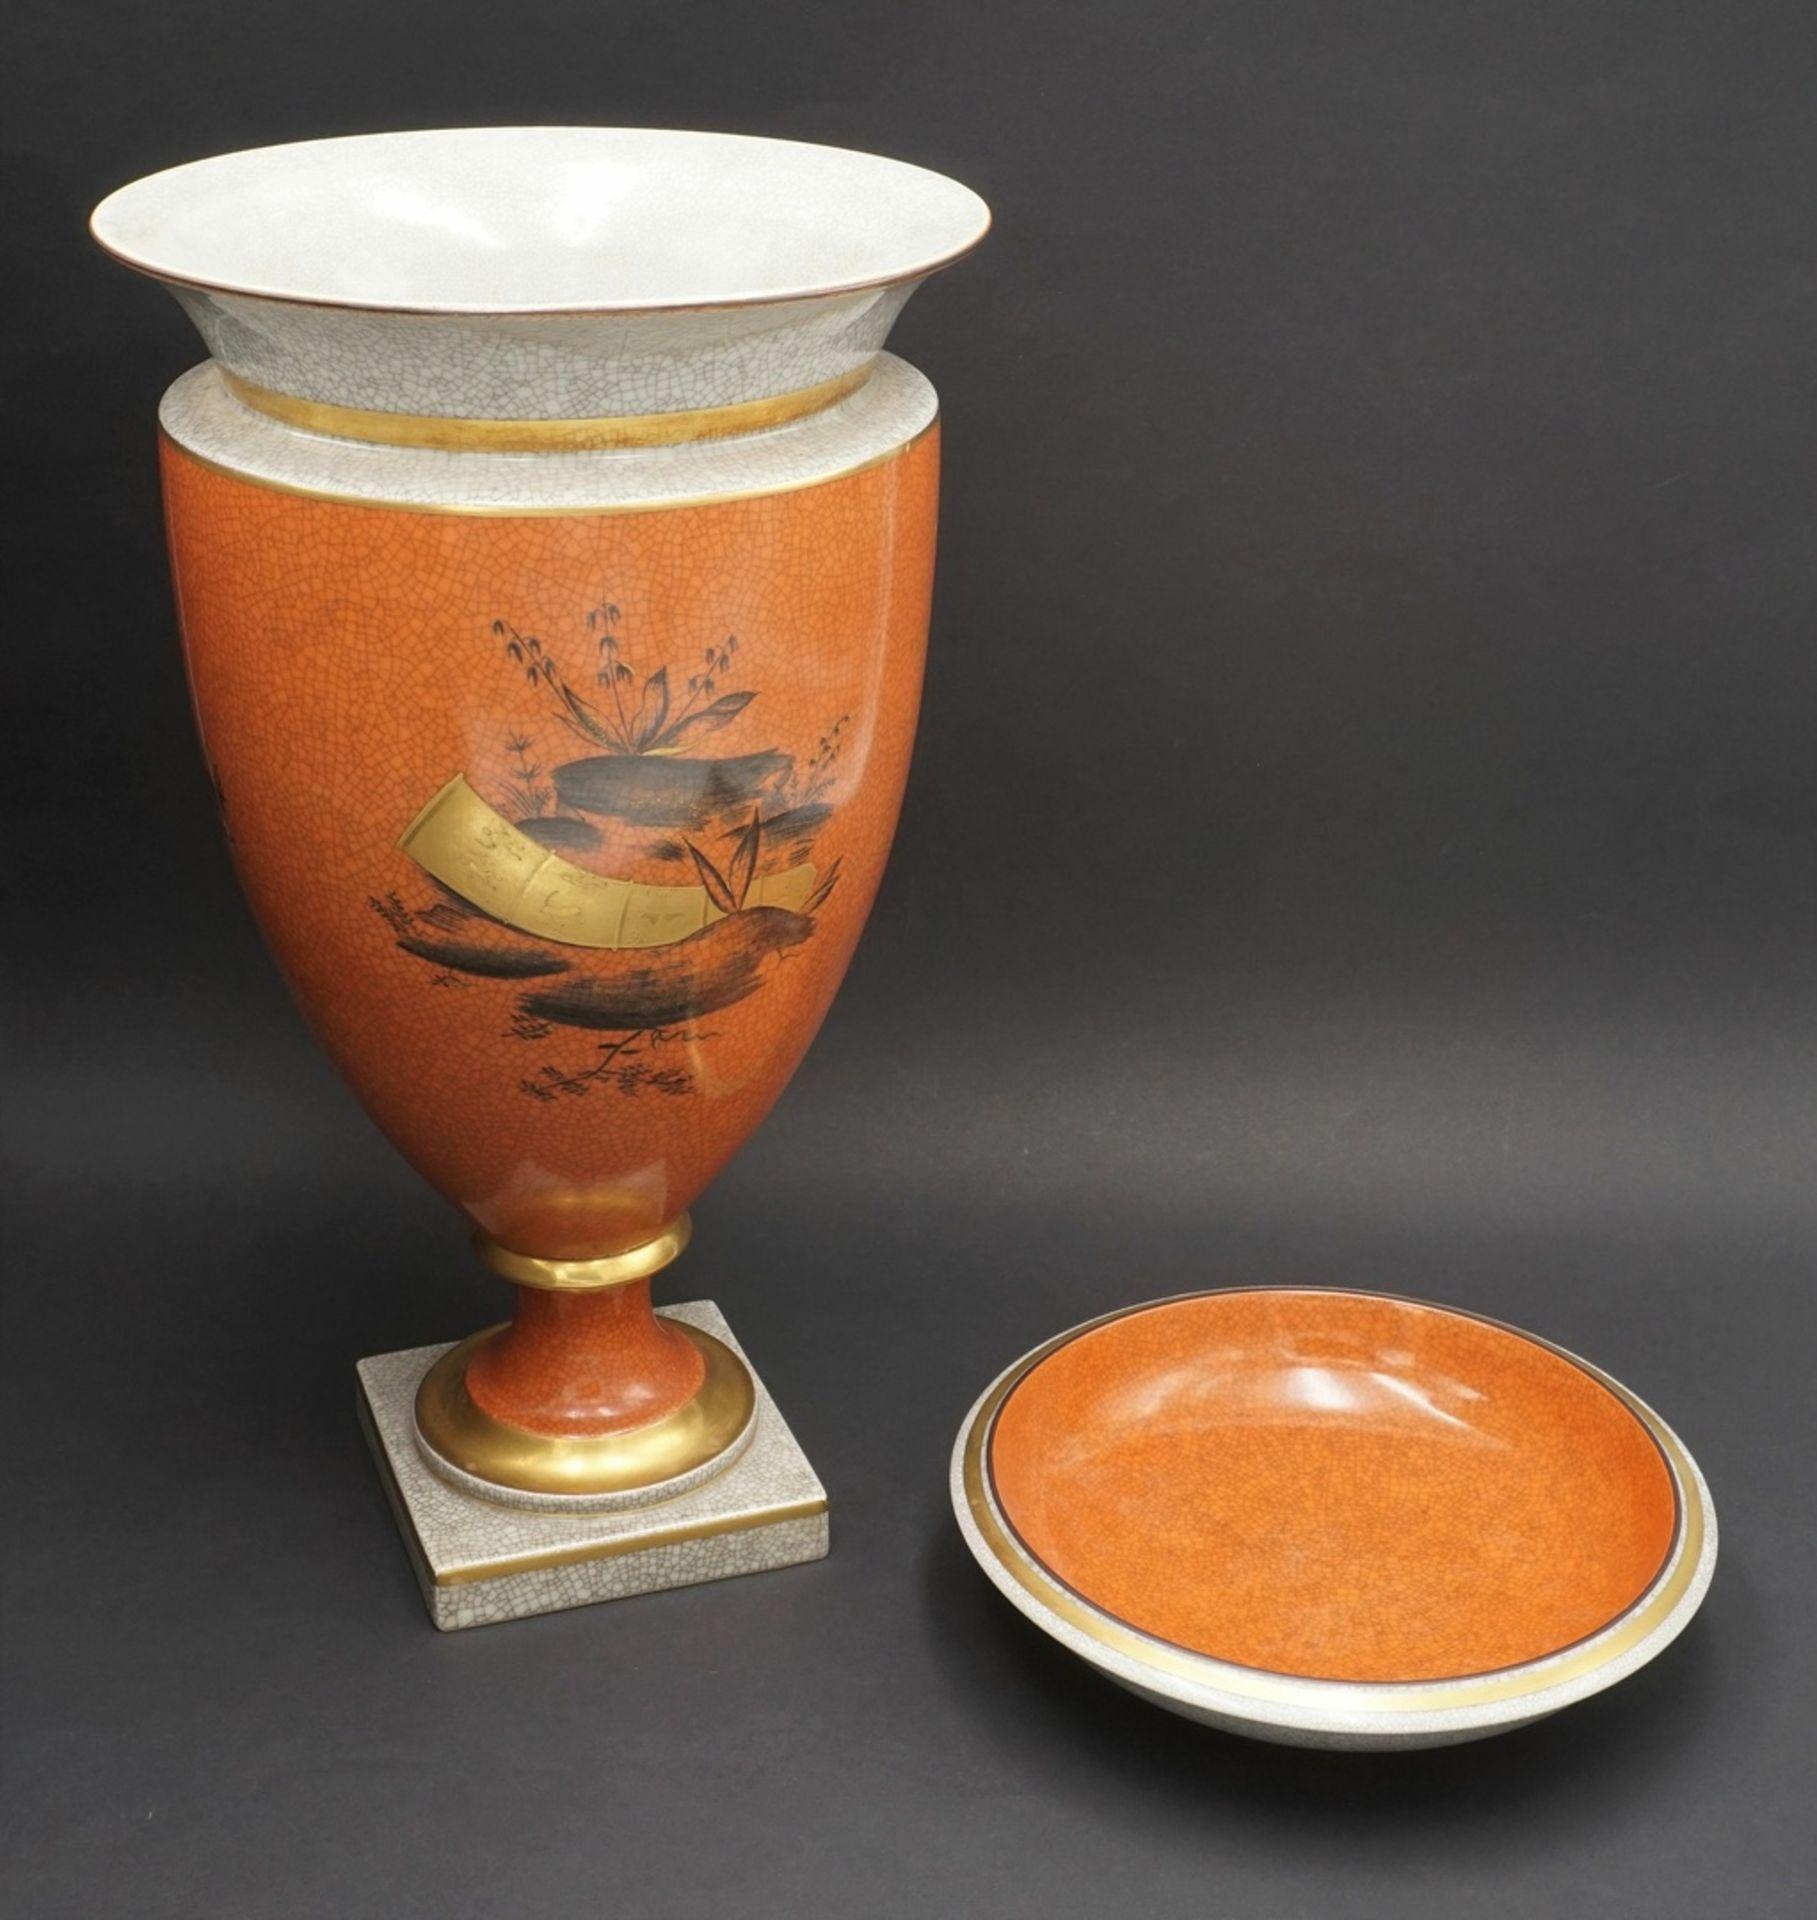 Royal Copenhagen große Krakelee Vase mit Schale, um 1950